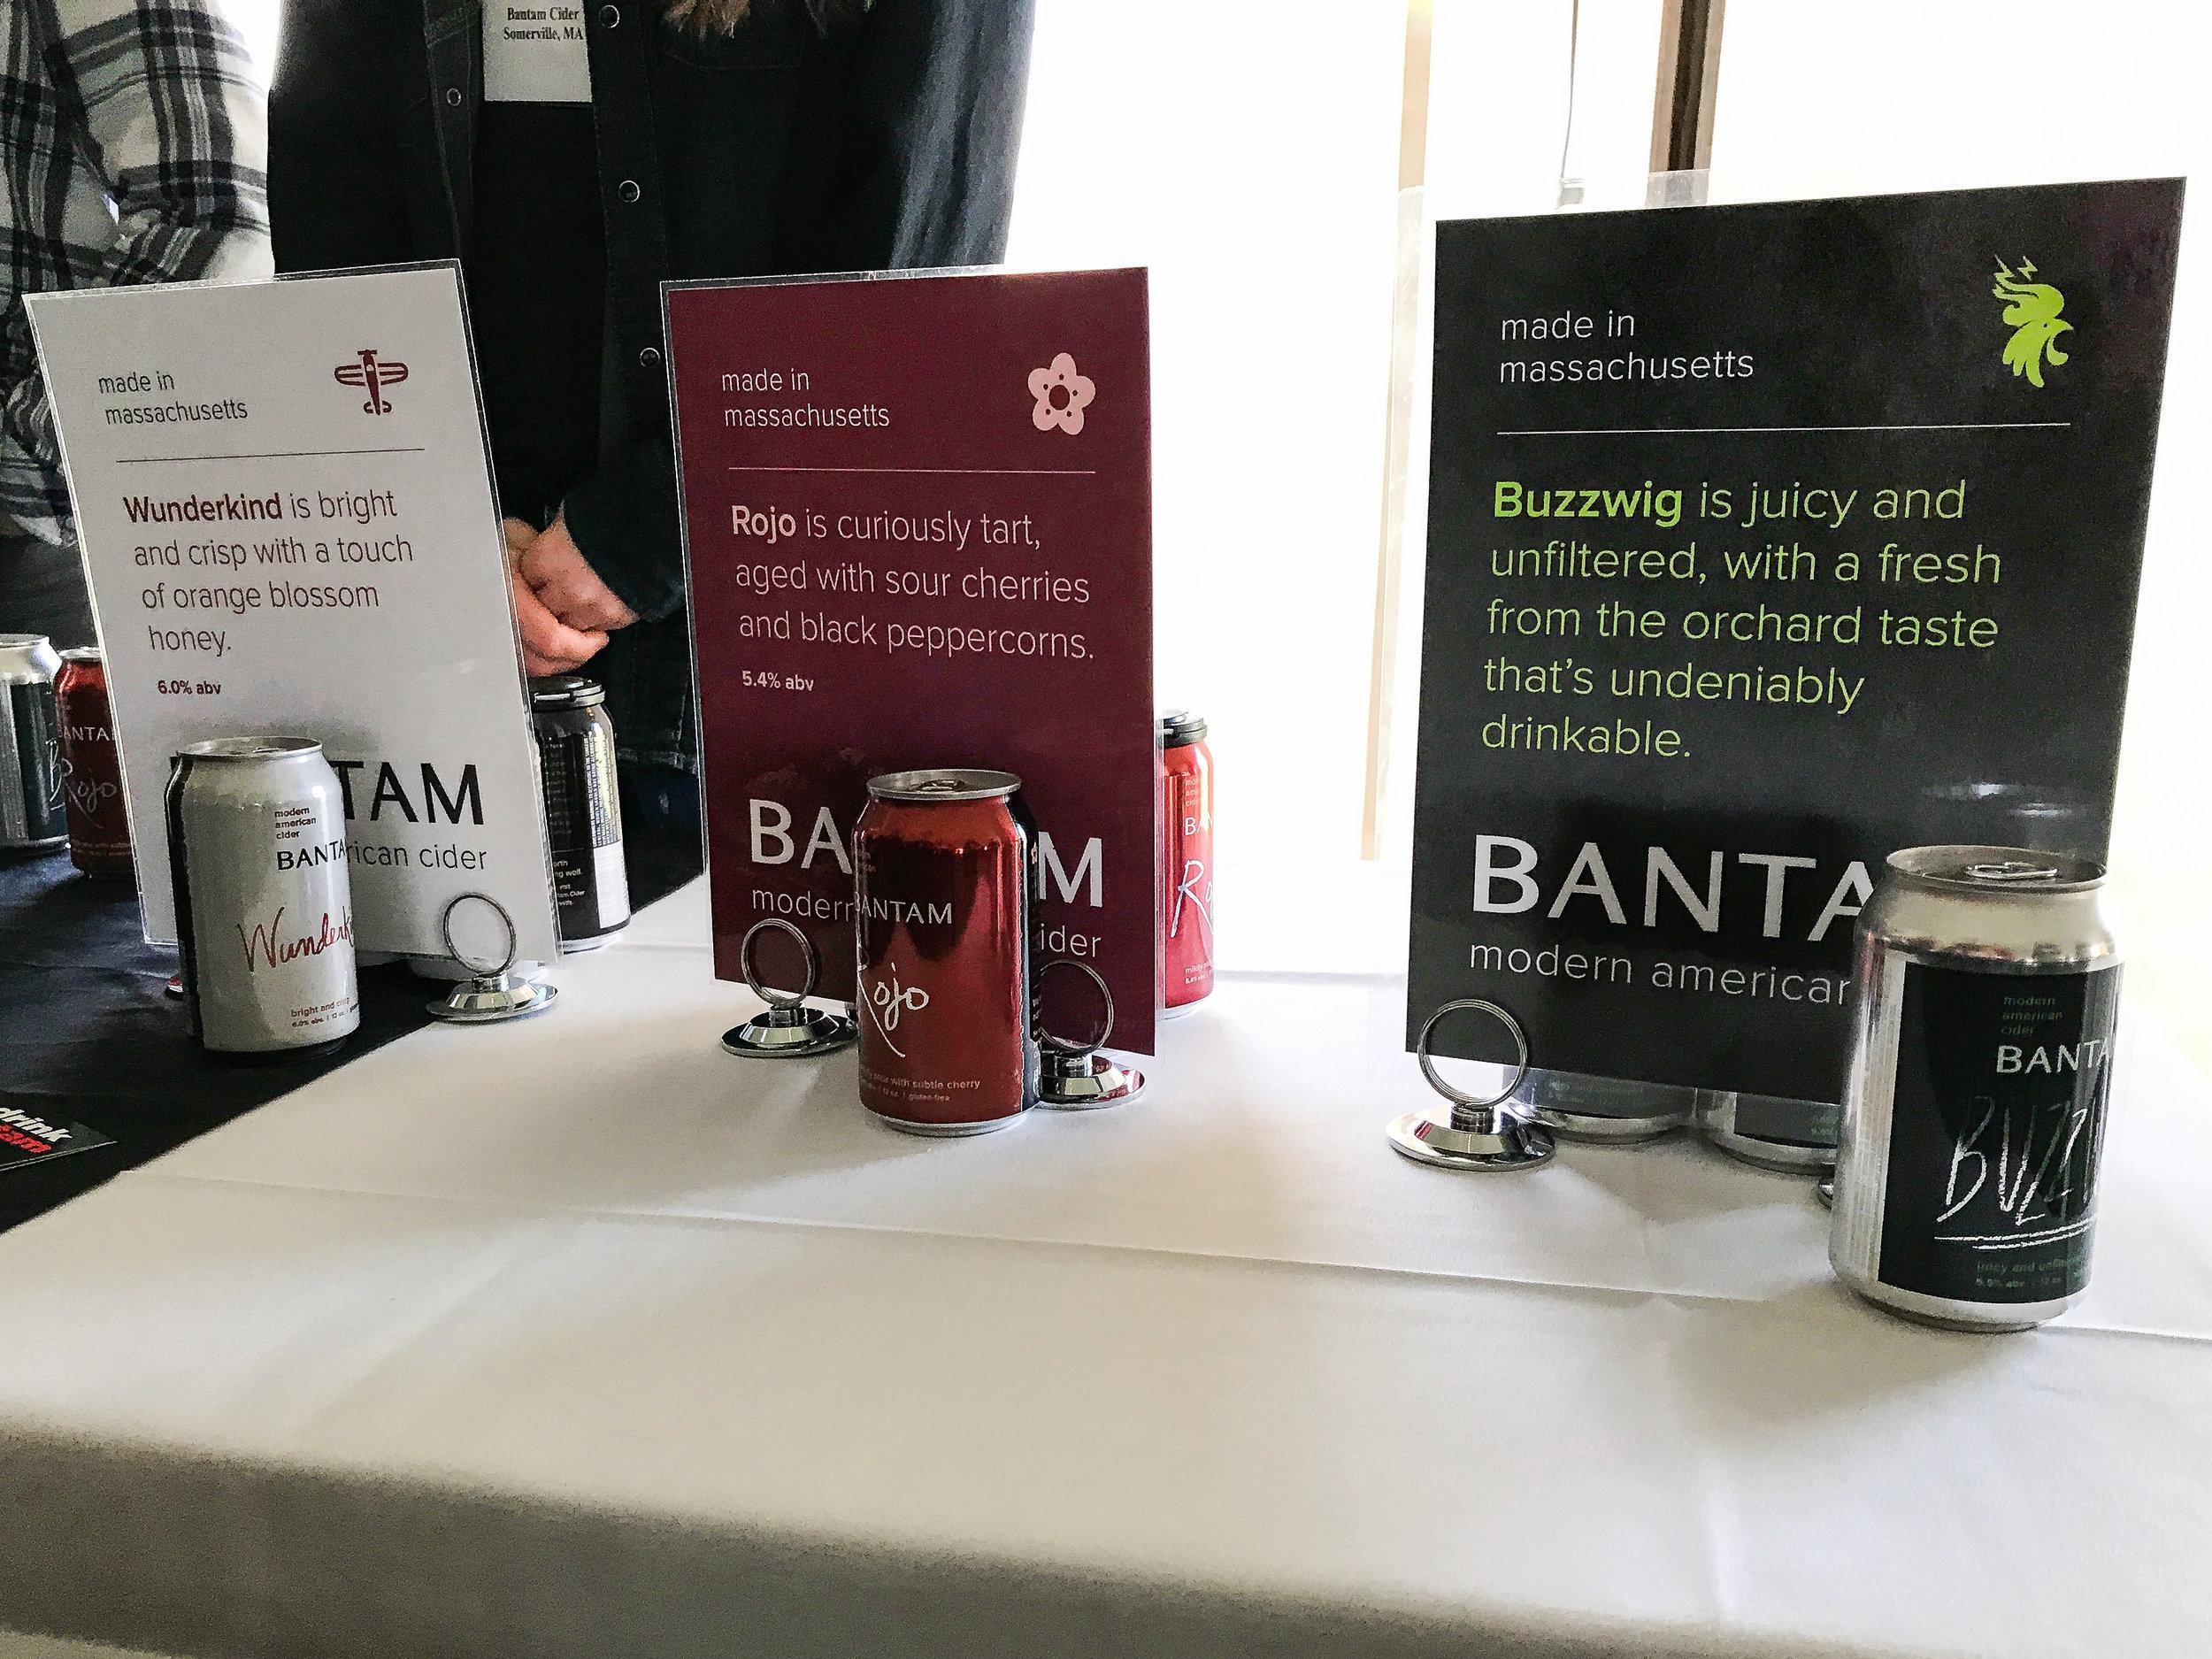 Bantam Cider's table